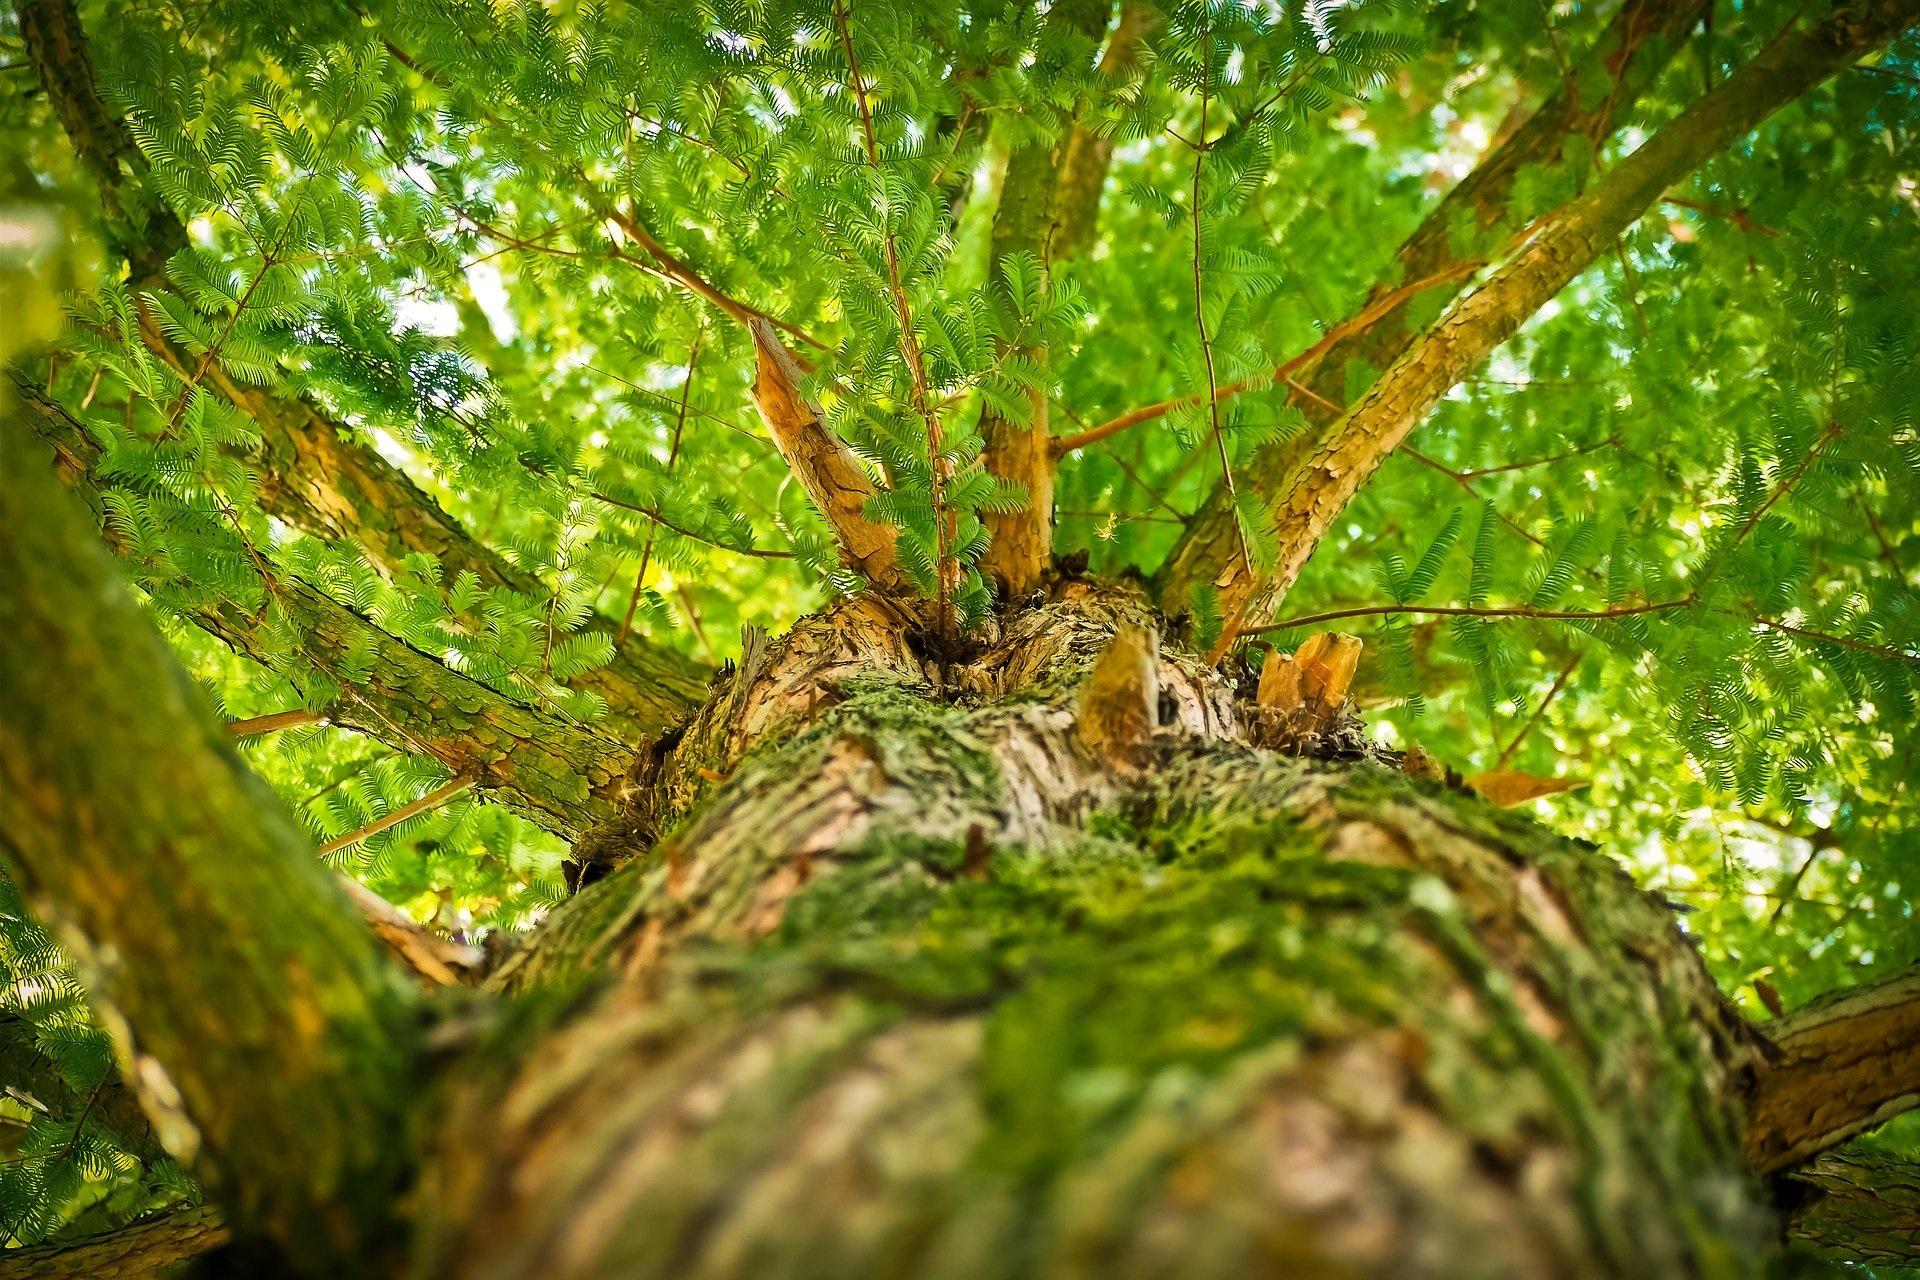 Ein großer Baum blüht.